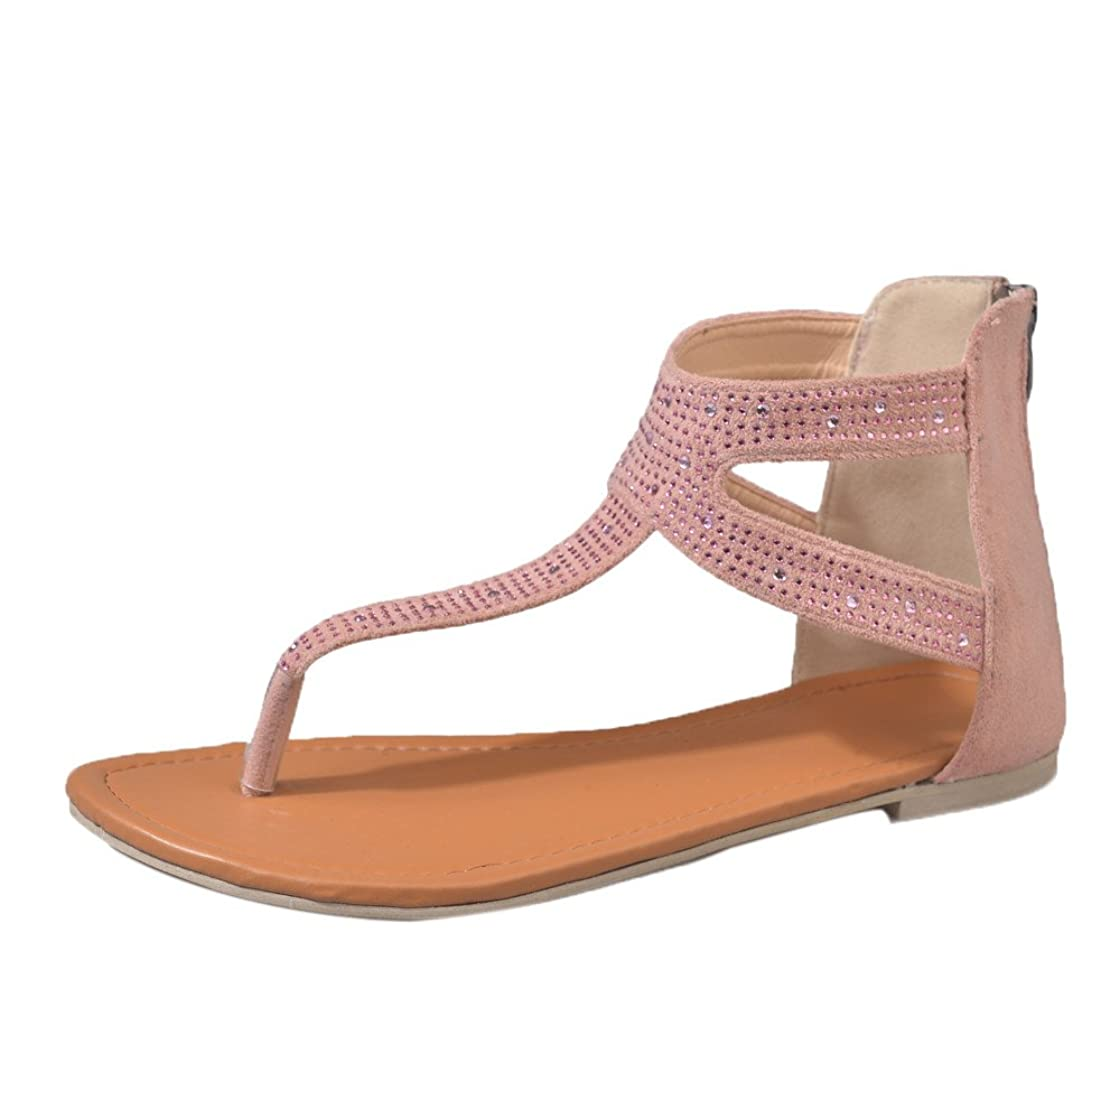 意図的マニュアル財政[Yochyan ブーティー] レディース サンダル ビーチシューズ オープントゥ パンプス ショートシューズ アウトドア靴 美脚 通気性 おしゃれ ファッション フラットシューズ ジップ 無地 春夏 女性の靴 カジュアルシューズ スリッパ